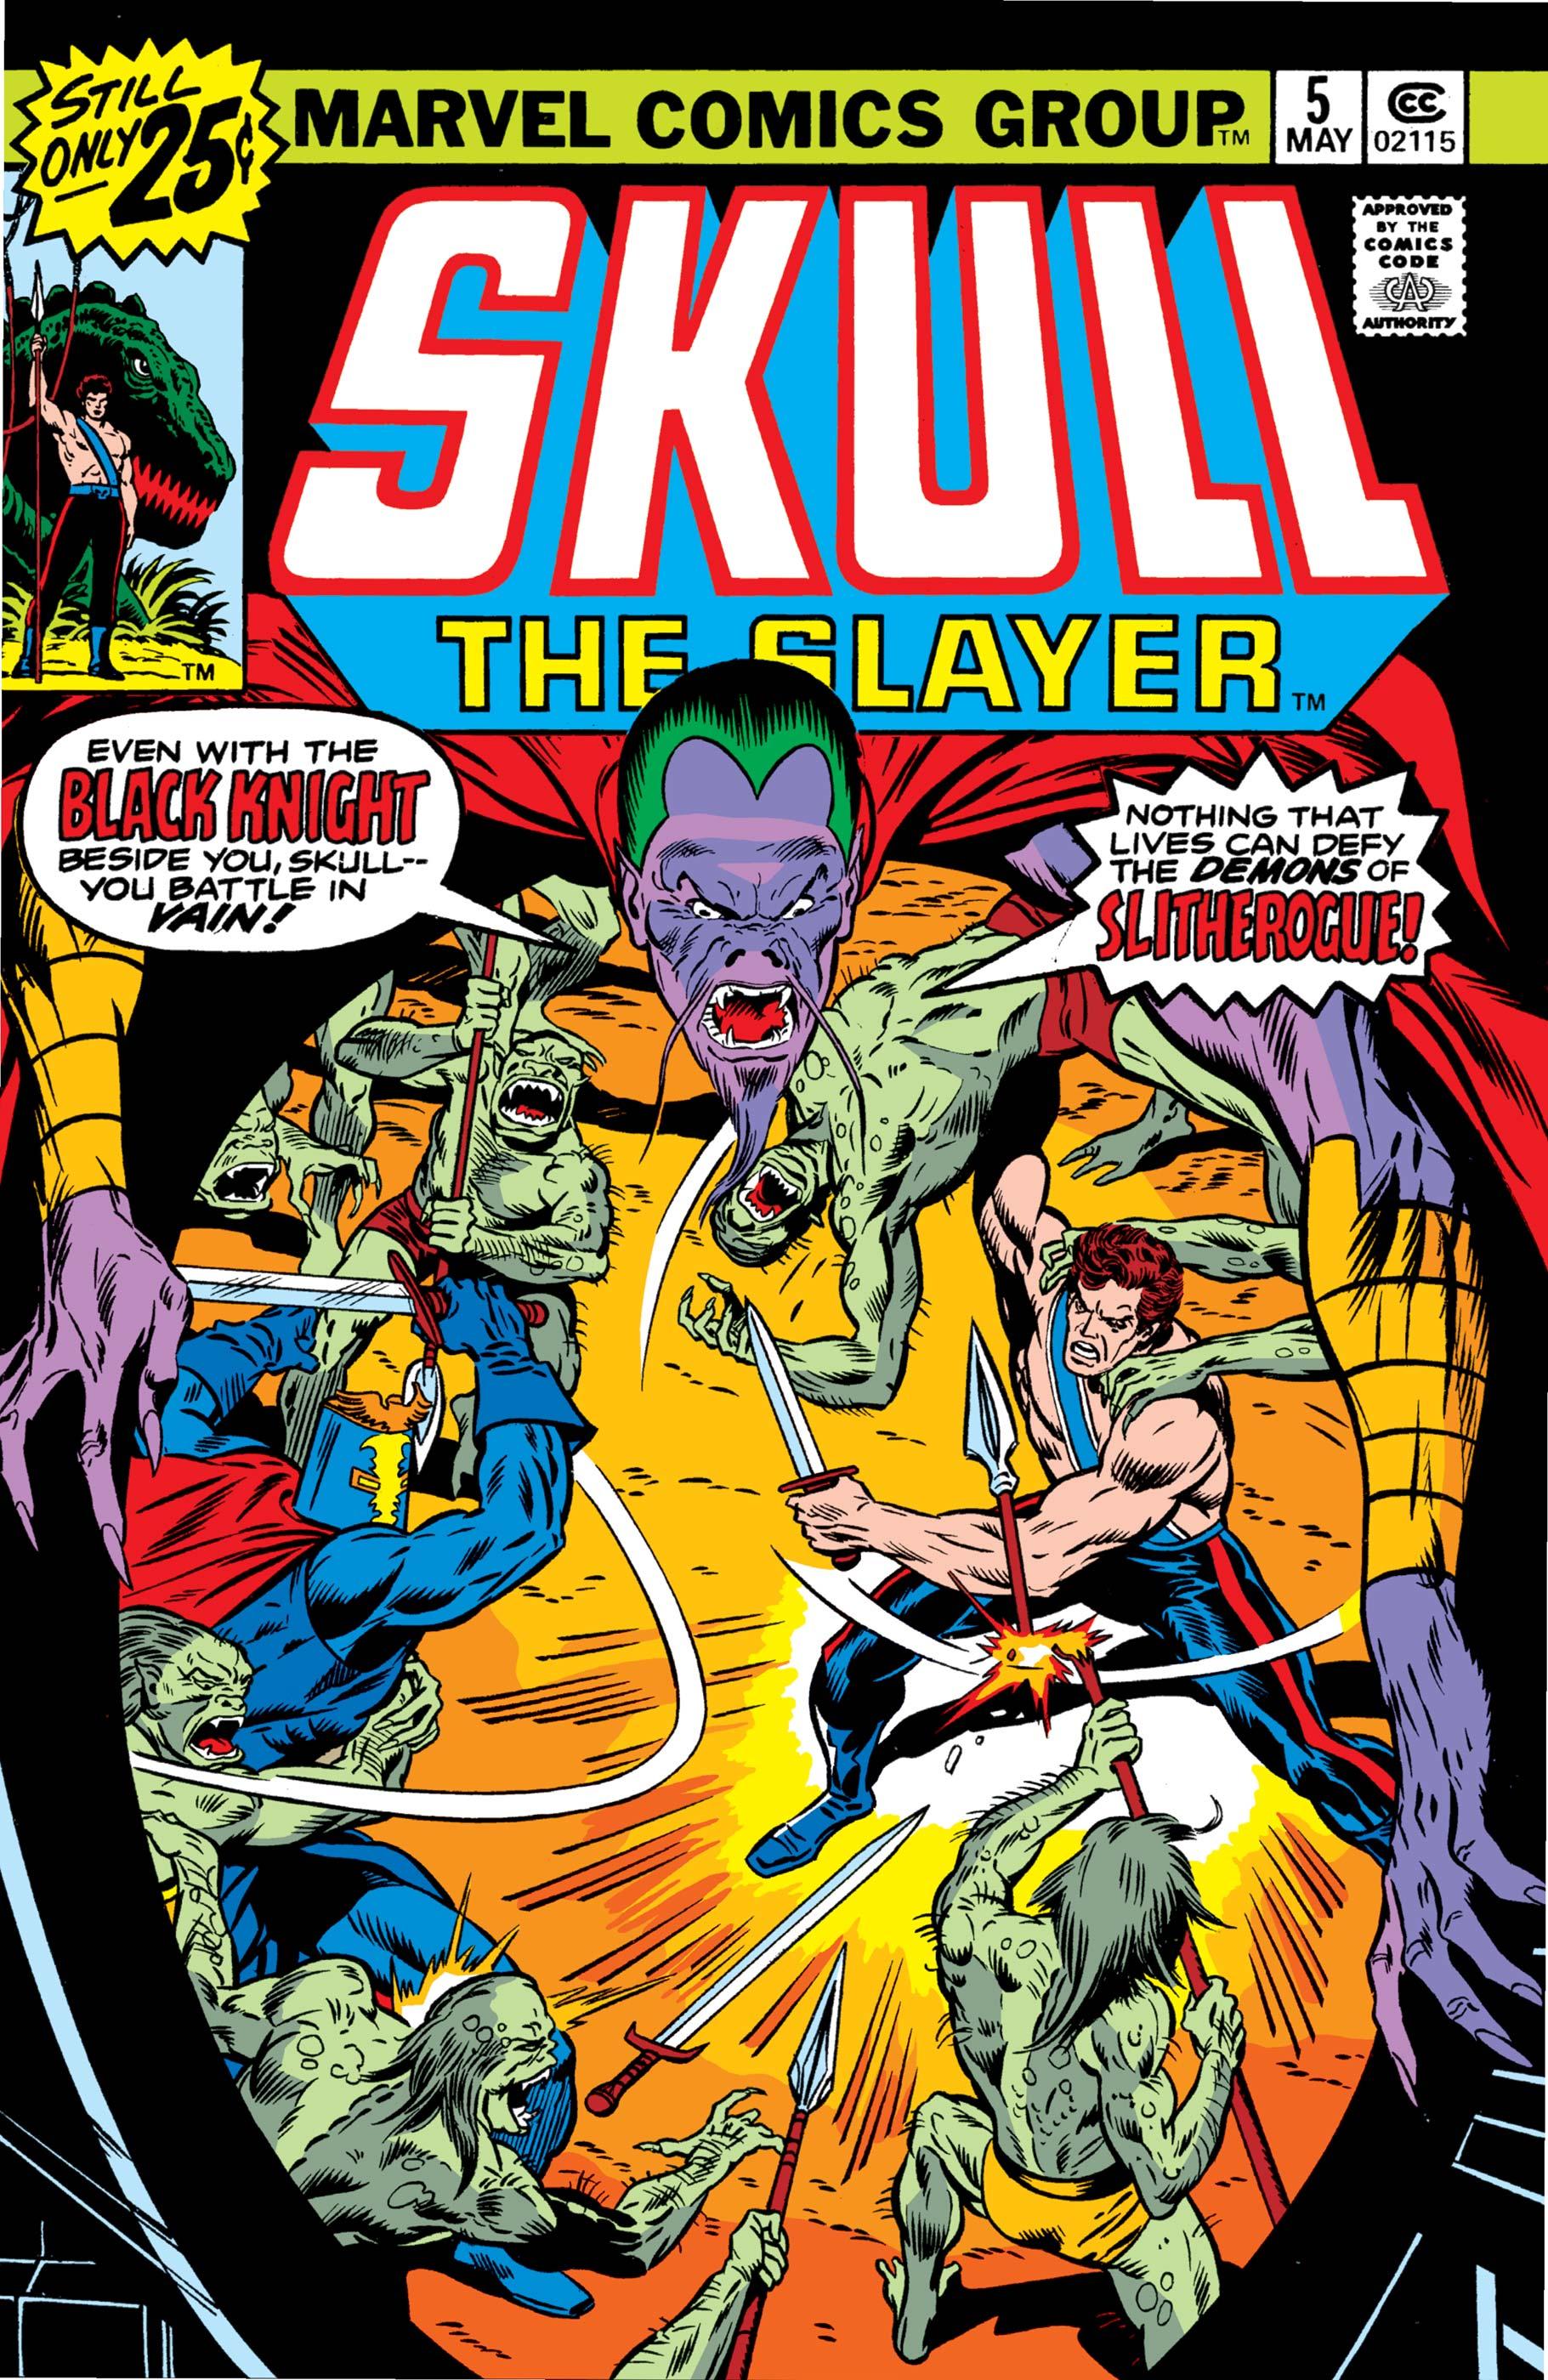 Skull the Slayer (1975) #5